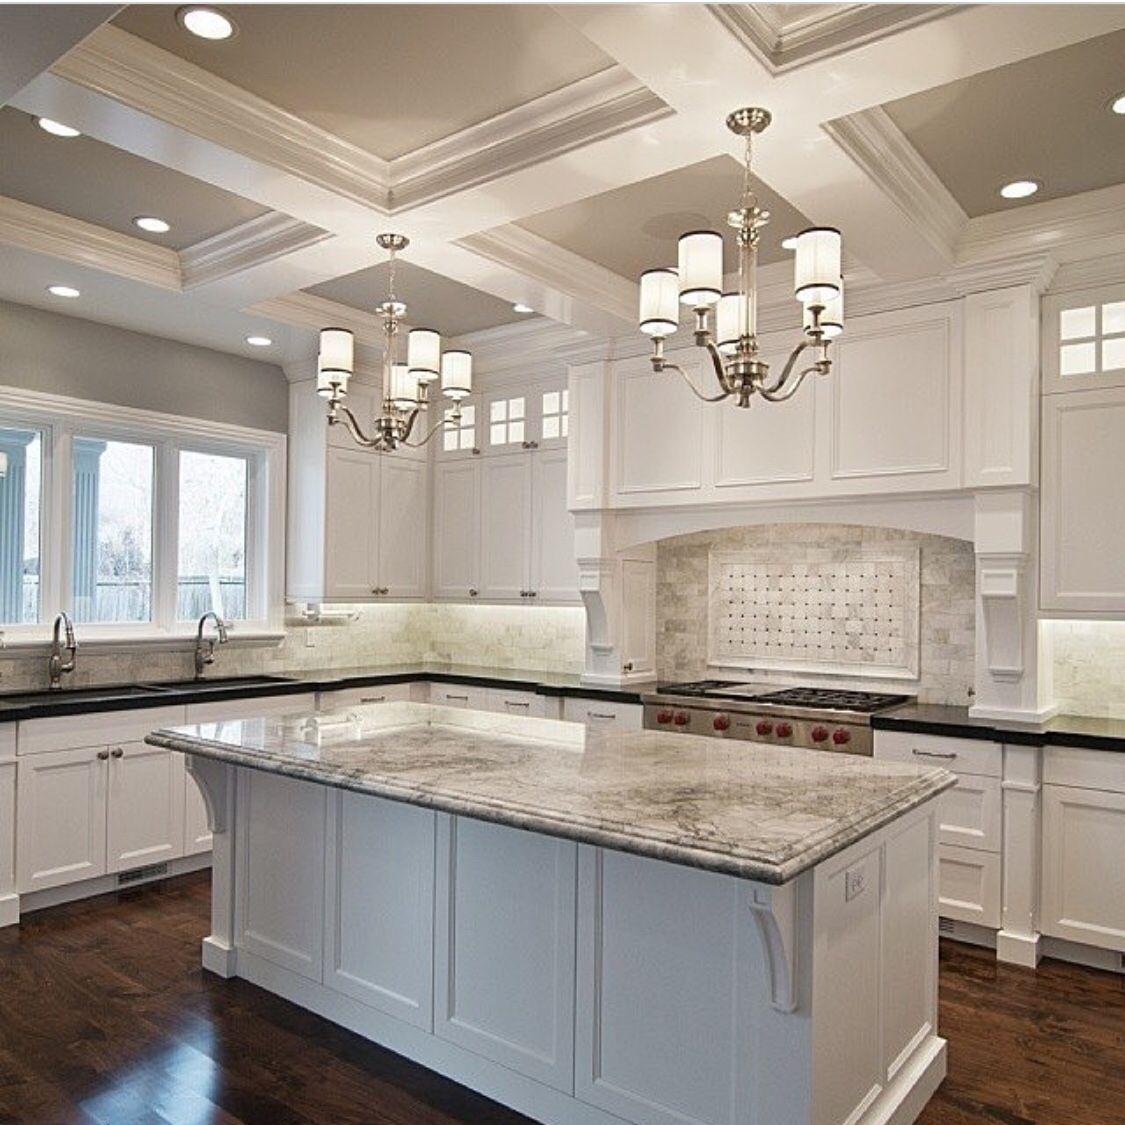 White Kitchen. Dark Floors. Large Island. Island Design